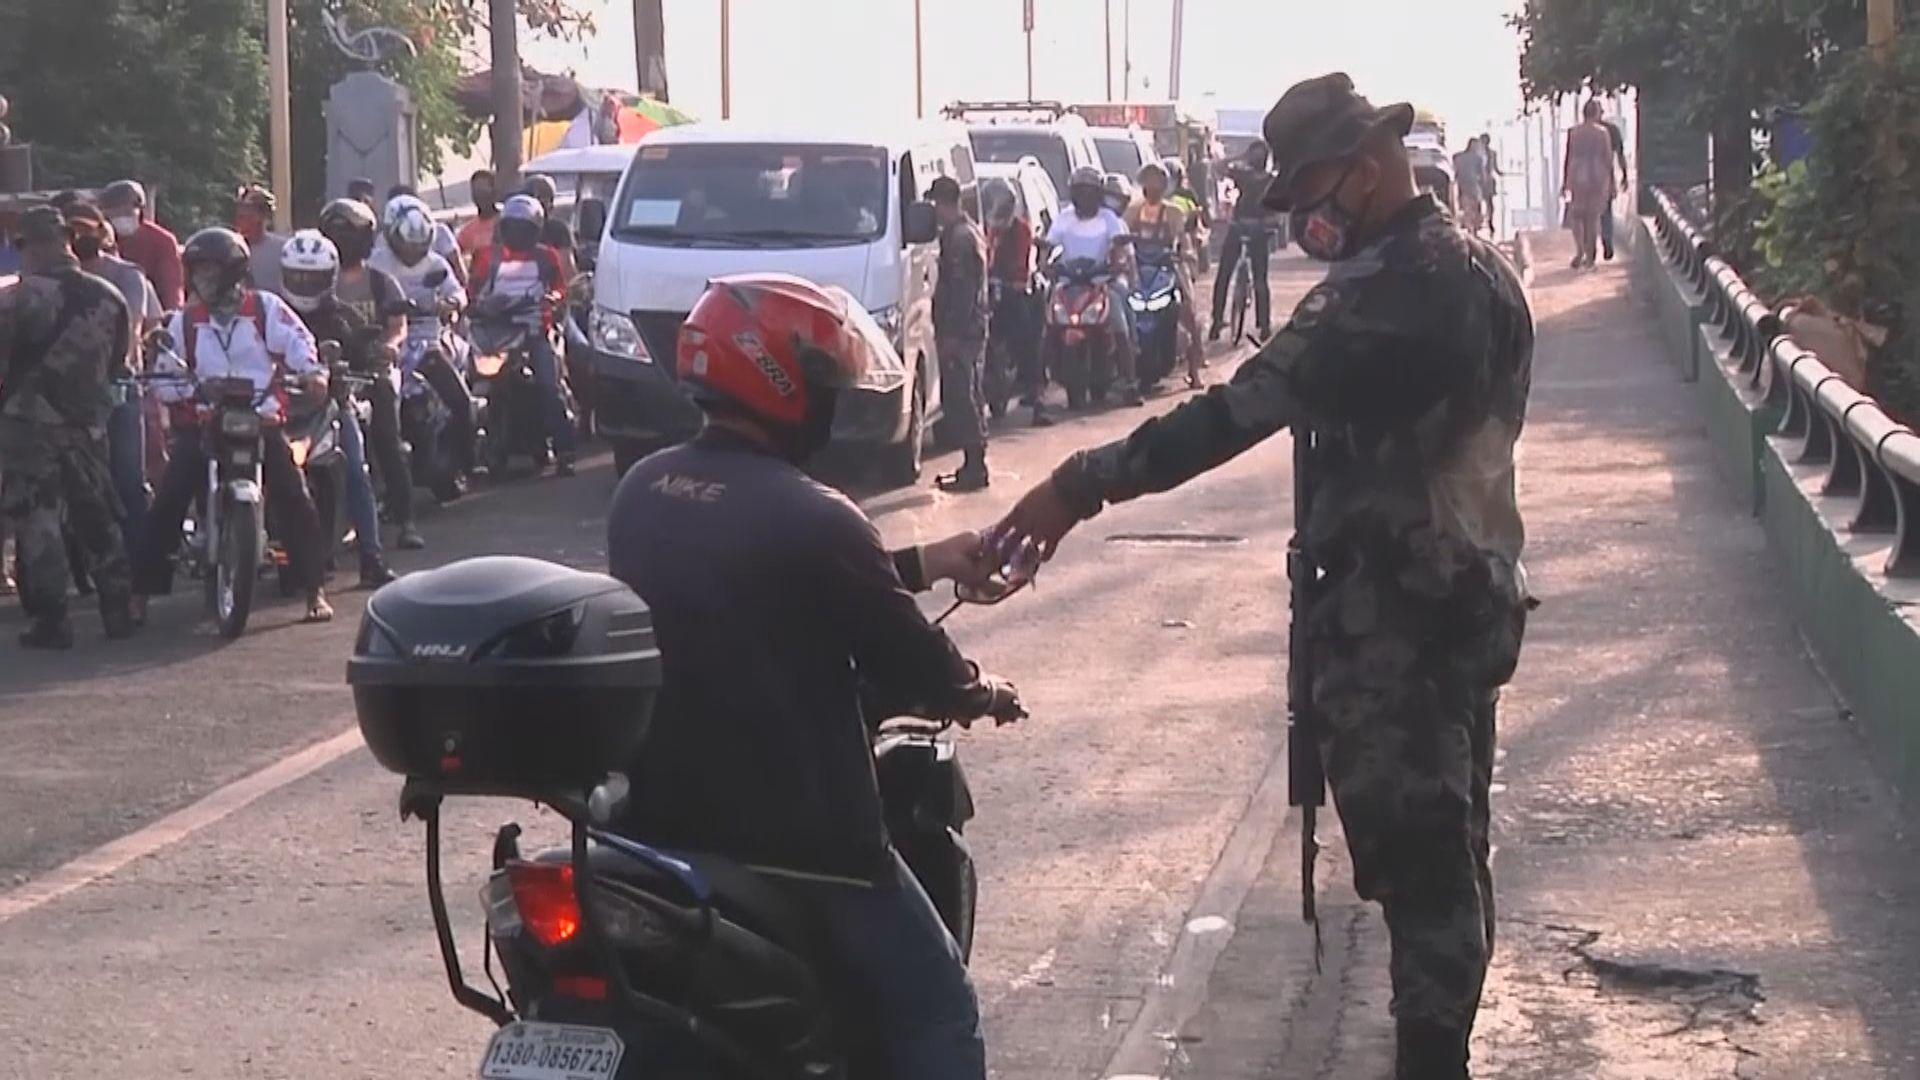 【環球薈報】菲警因疫情暫豁免警員升職體重要求